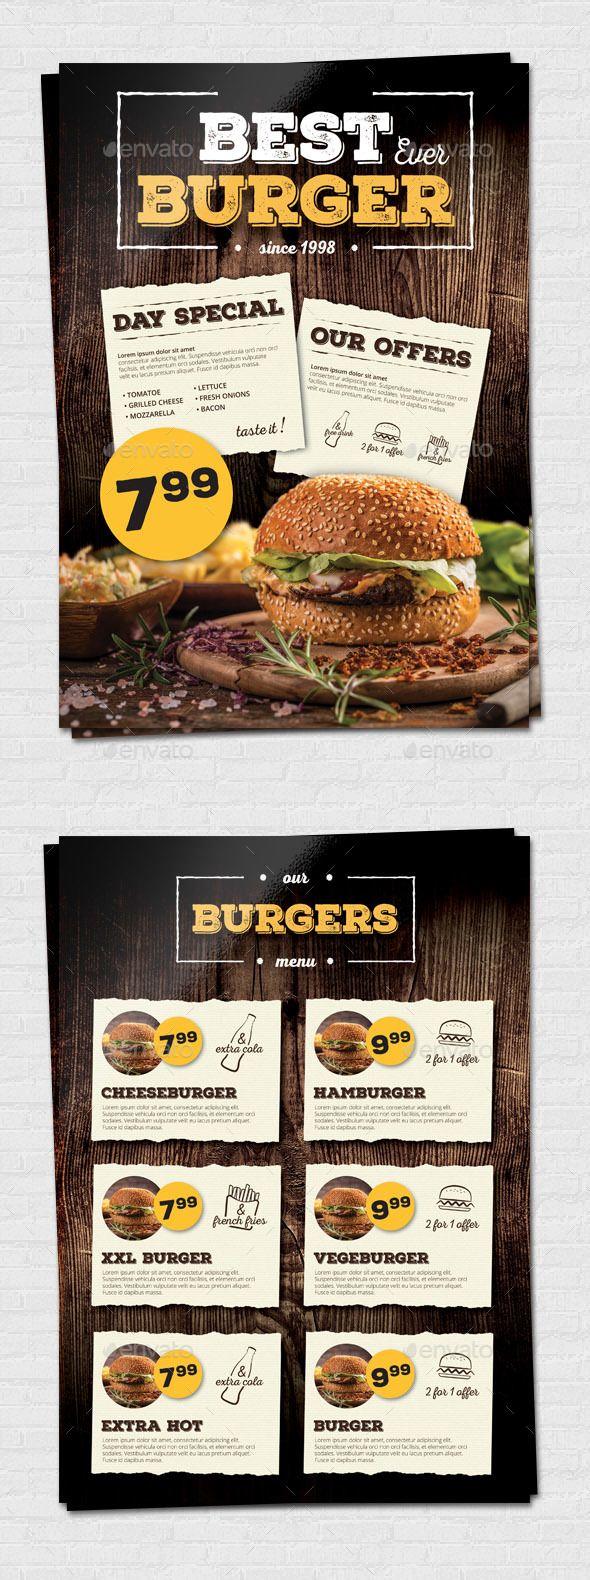 Pin von Kriszta Lettner auf food | Pinterest | Flyer und Ostern